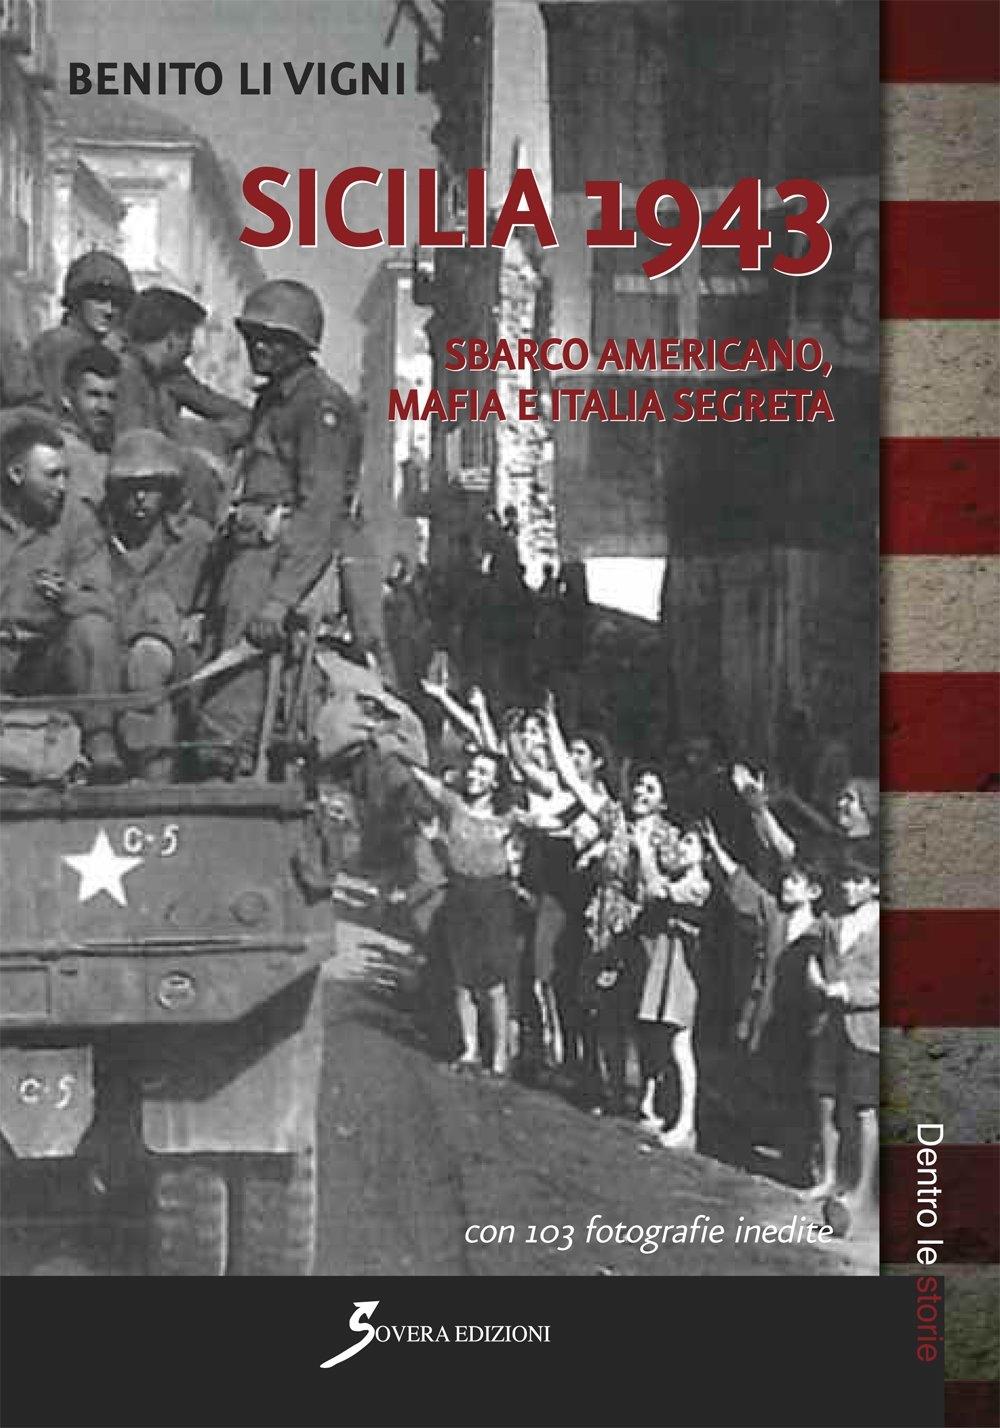 Sicilia 1943. Sbarco americano, mafia e società segreta